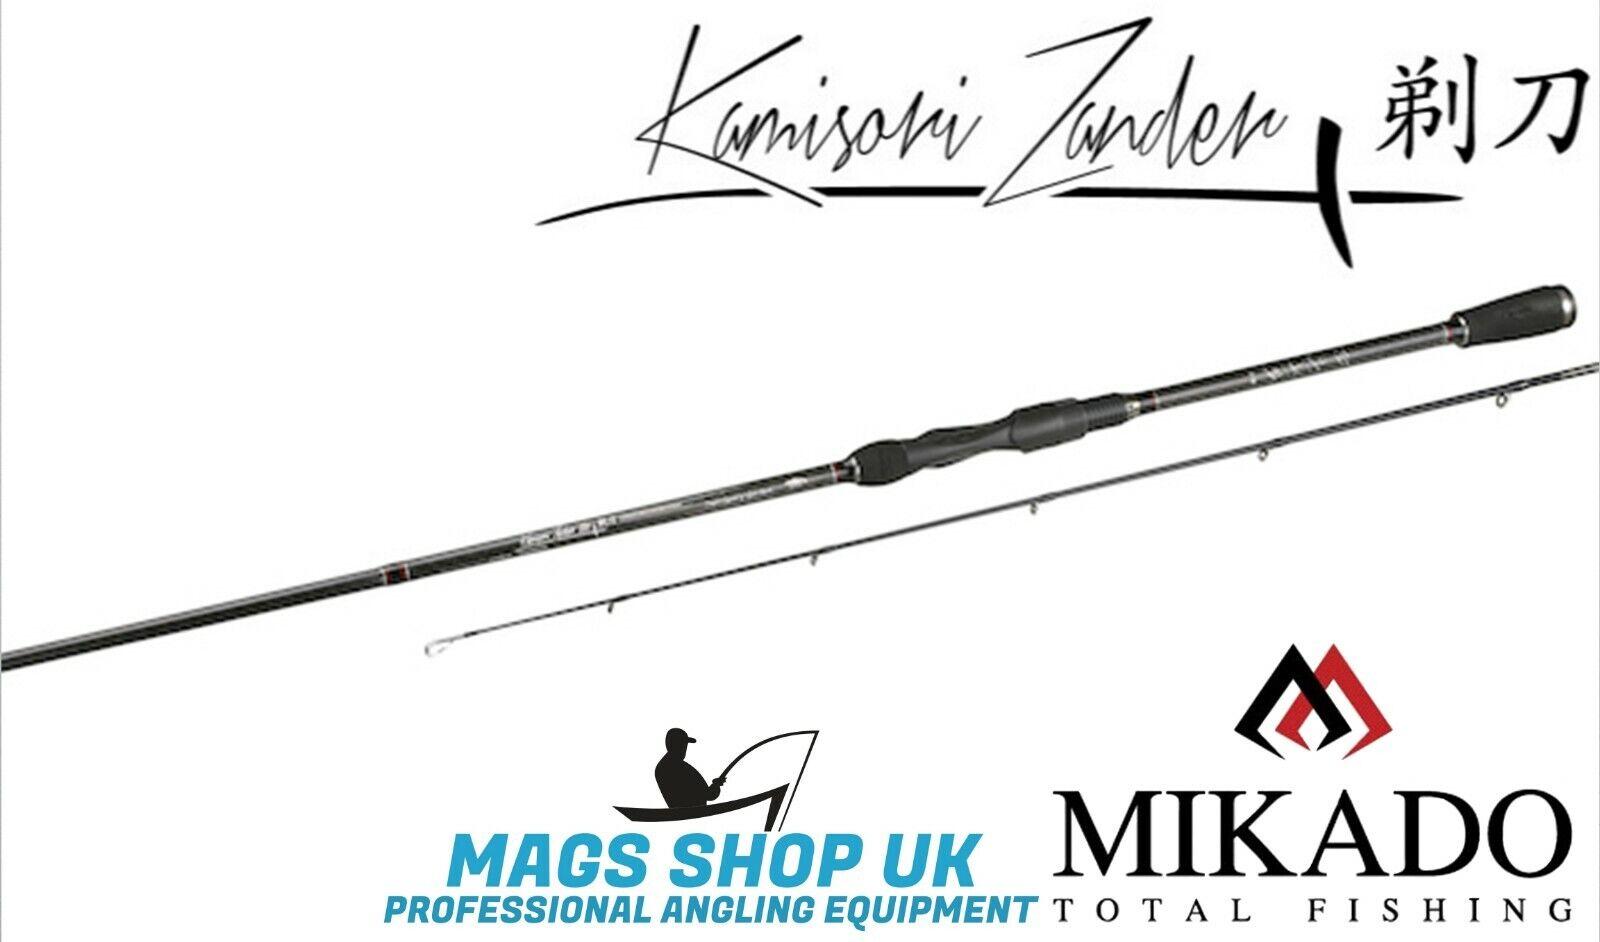 Mikado  Kamisori Señuelos  caña de pesCoche, Eva, 2 secciones diferentes longitudes, claras.